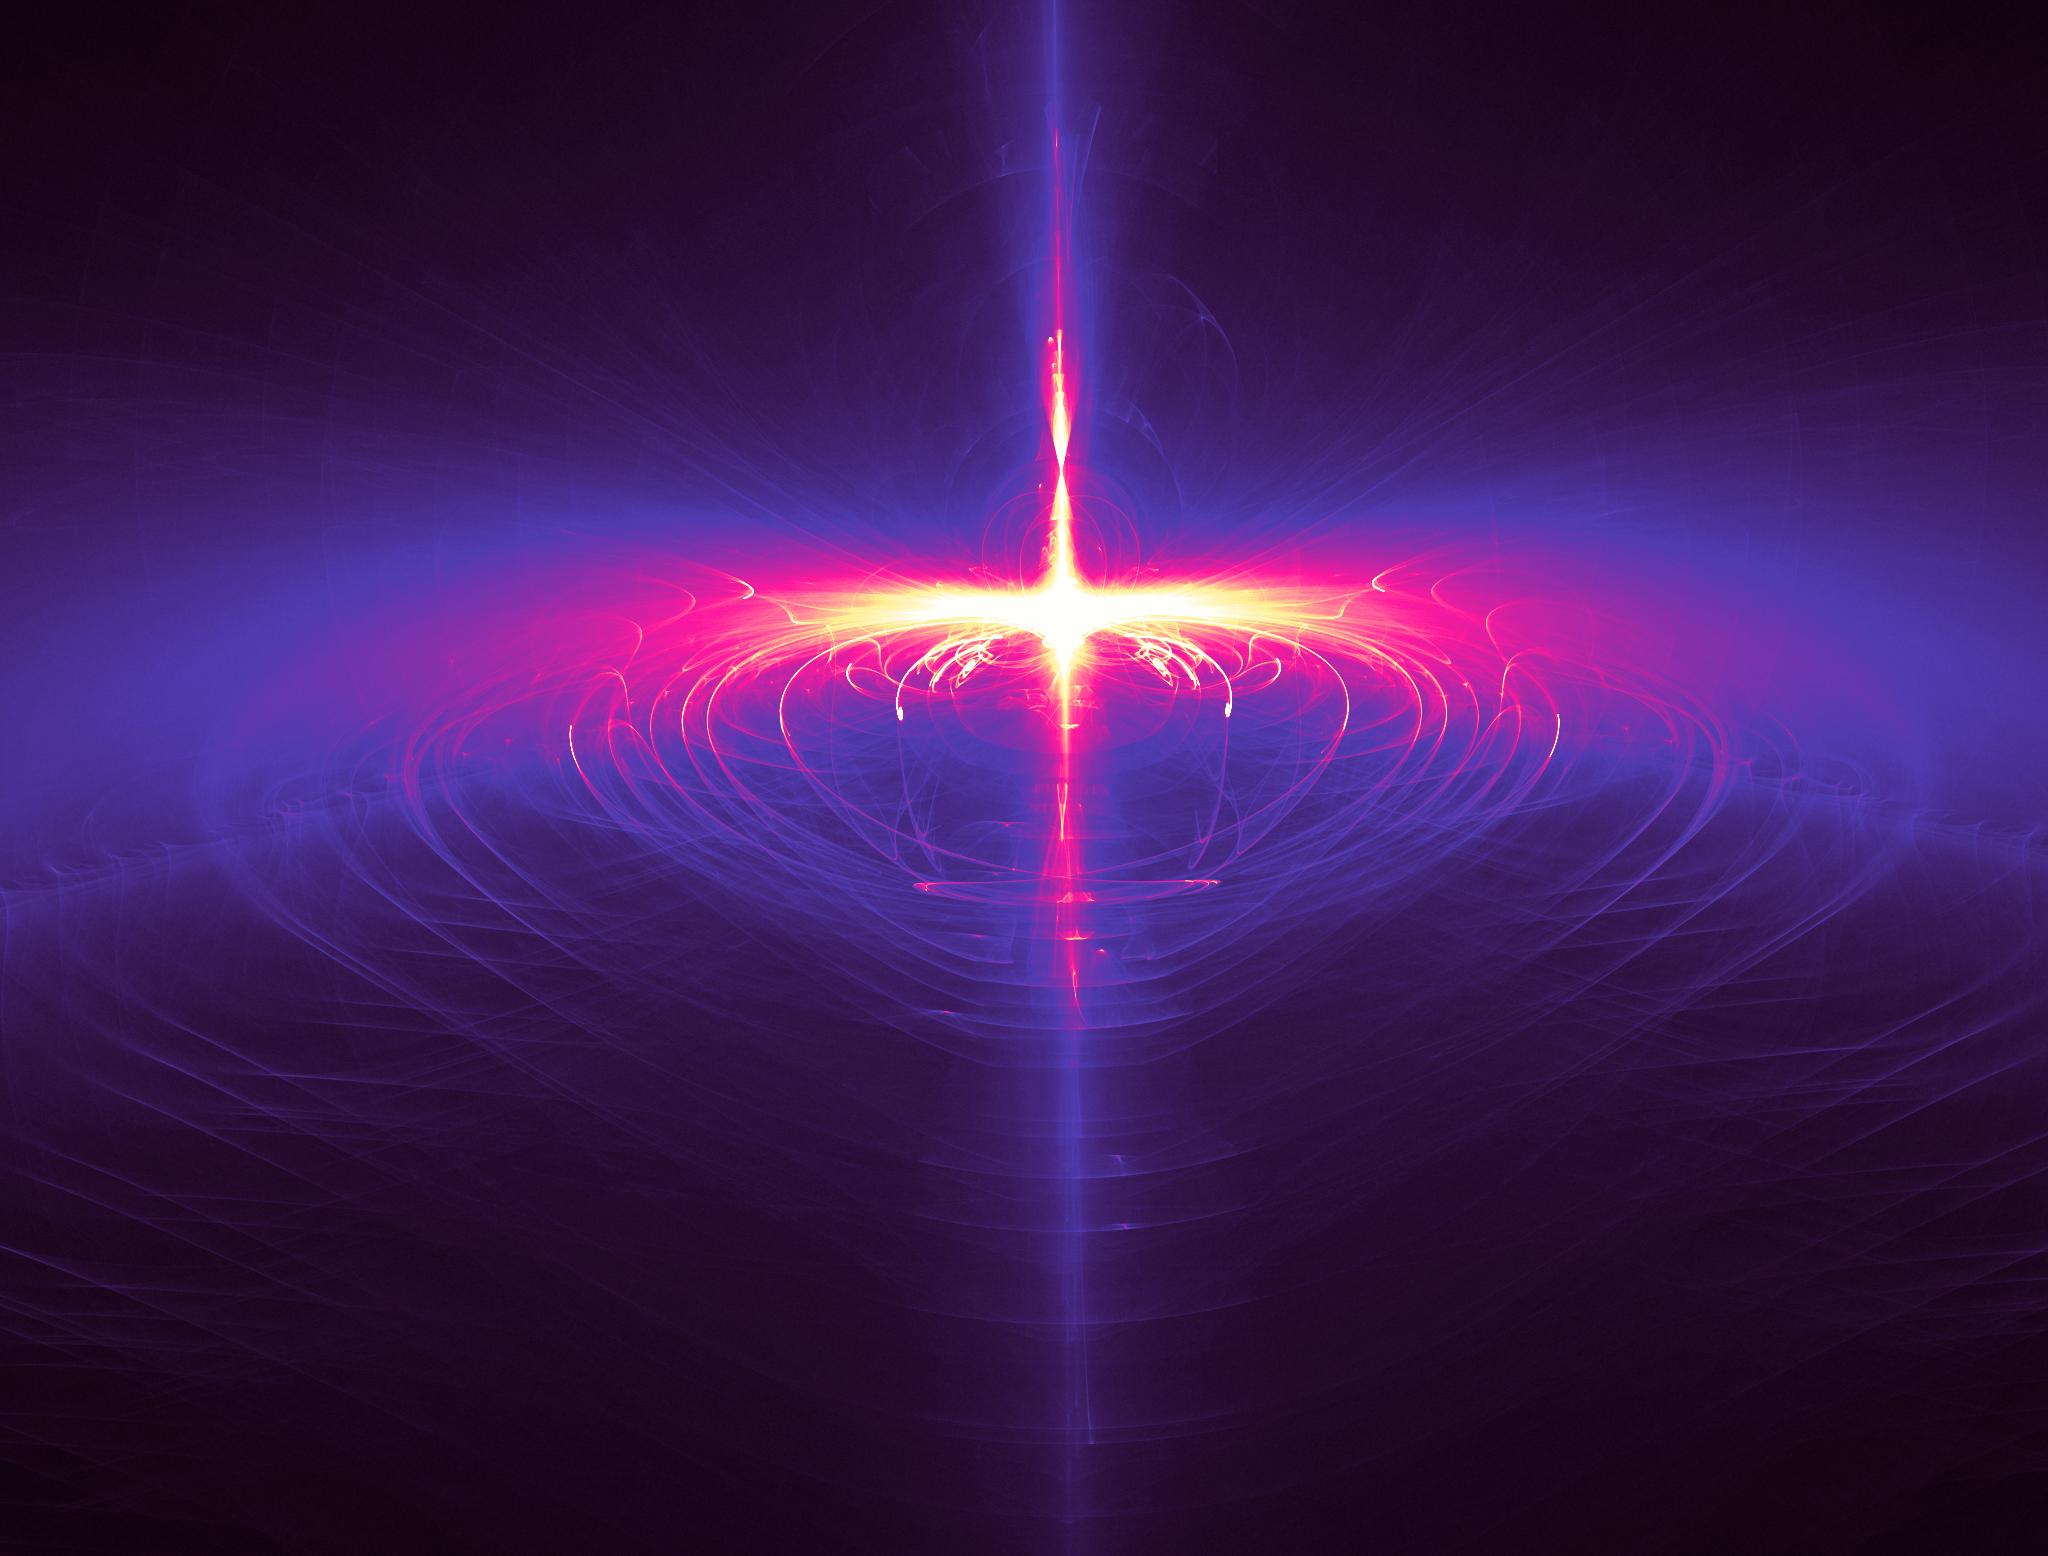 Violet Angelic Star Lights